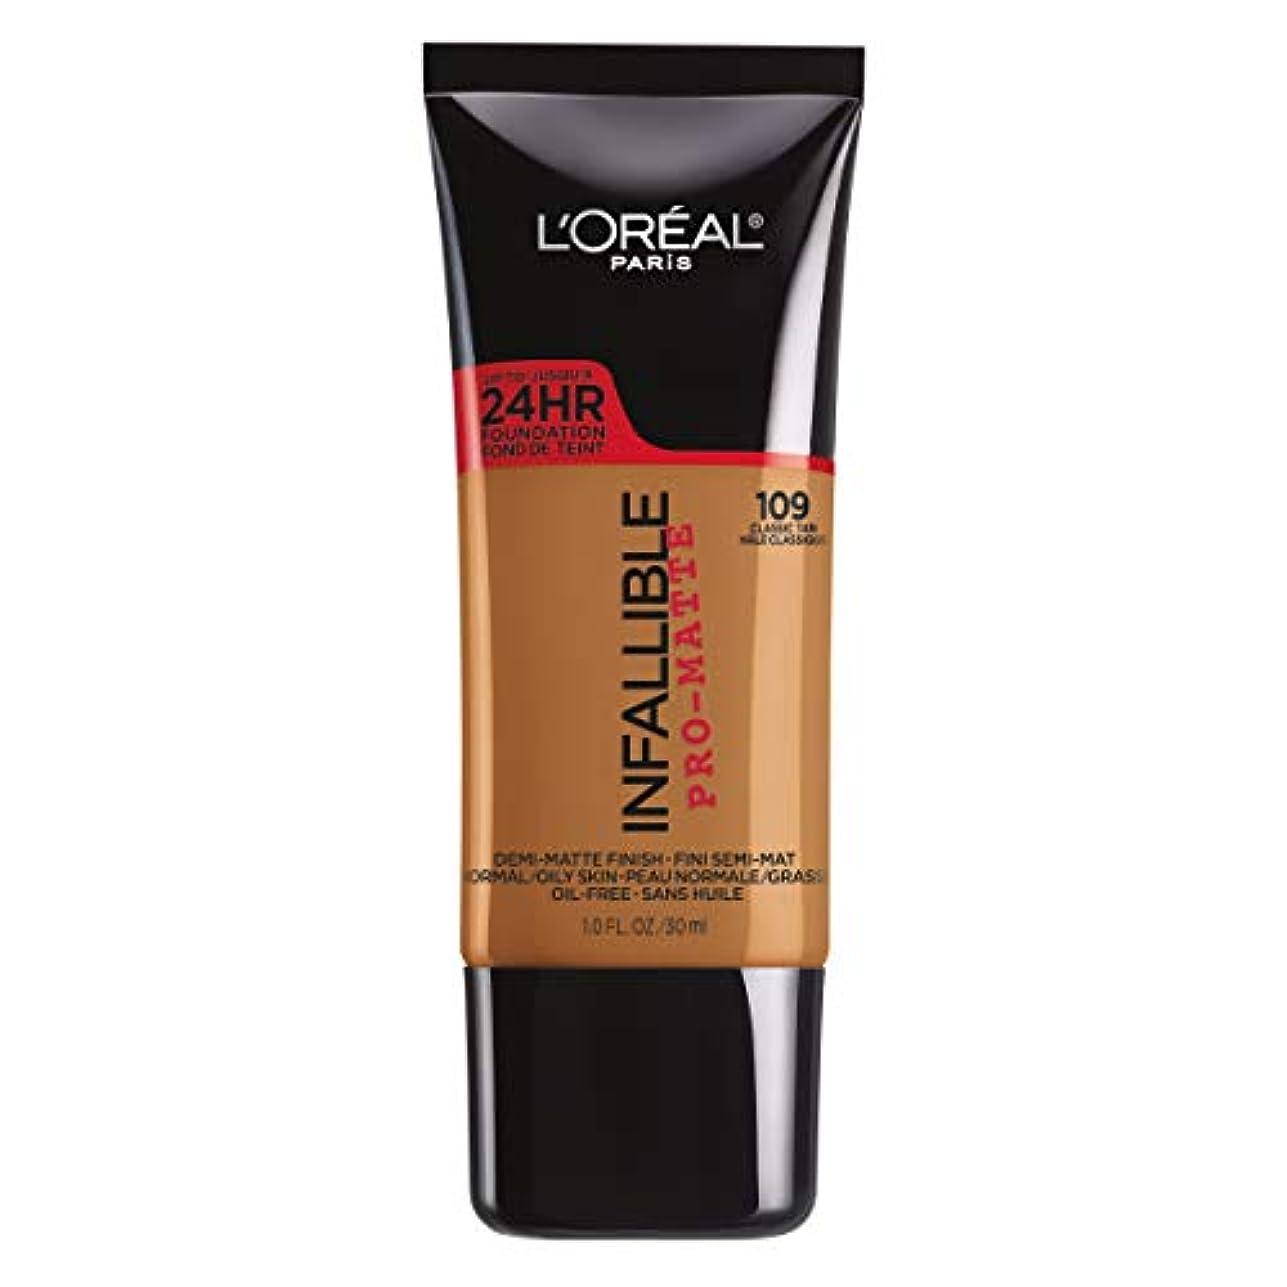 すべきナース請願者L'Oreal Paris Infallible Pro-Matte Foundation Makeup, 109 Classic Tan, 1 fl. oz[並行輸入品]